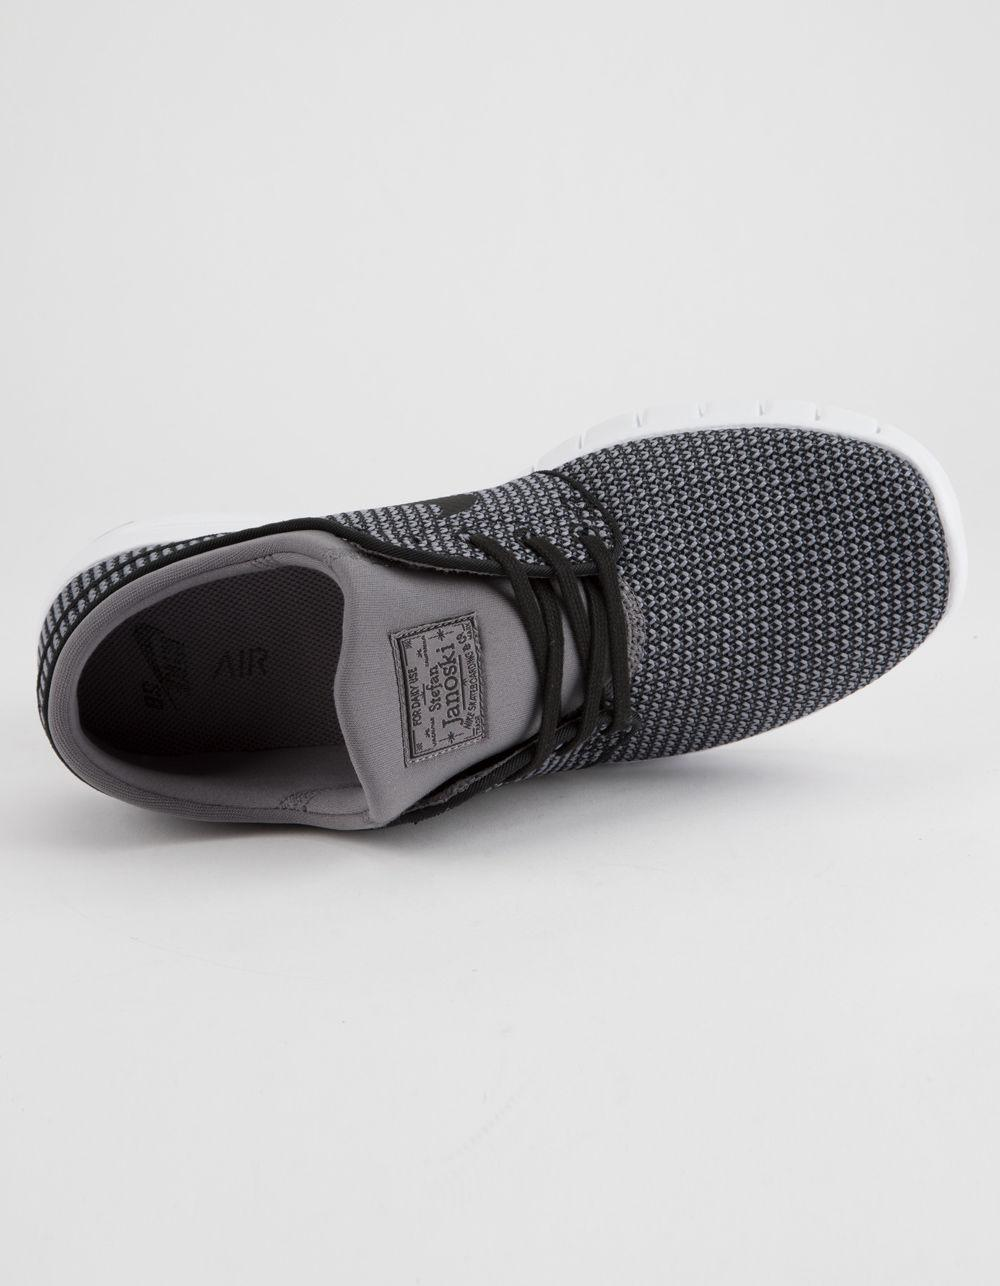 3eab597b1e Nike - Gray Stefan Janoski Max Gunsmoke White   Black Shoes for Men - Lyst.  View fullscreen